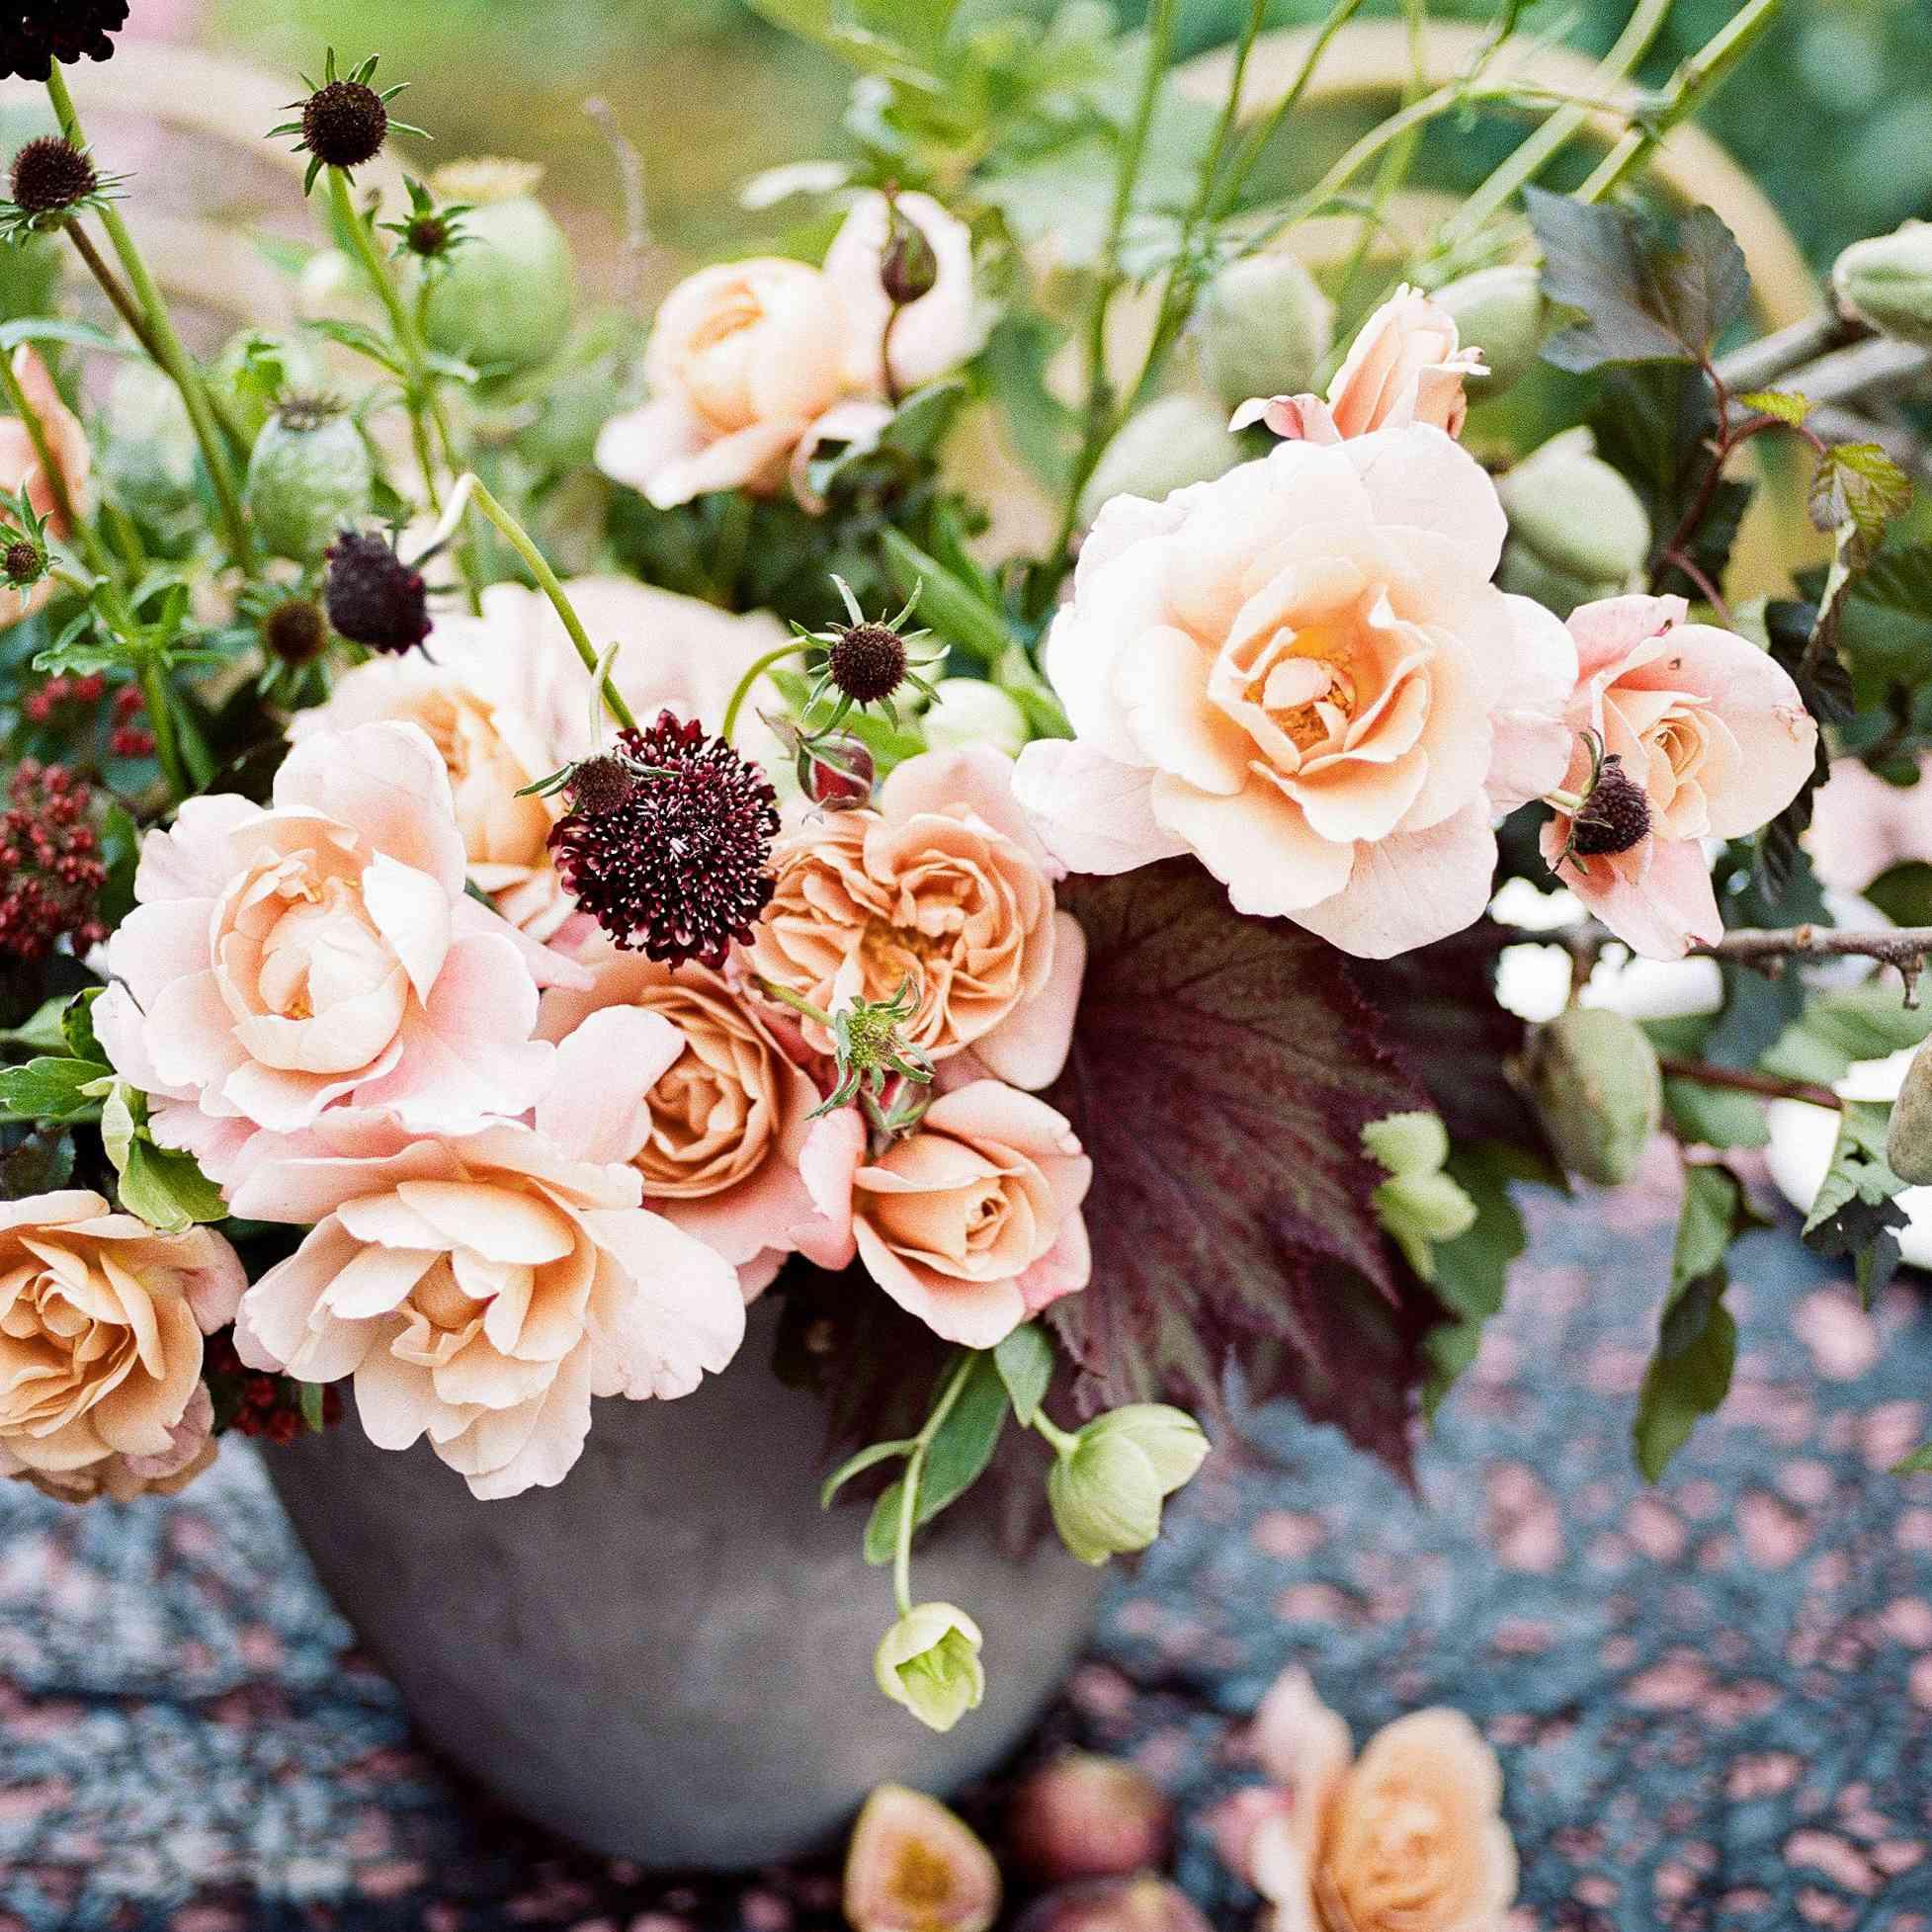 Apricot florals